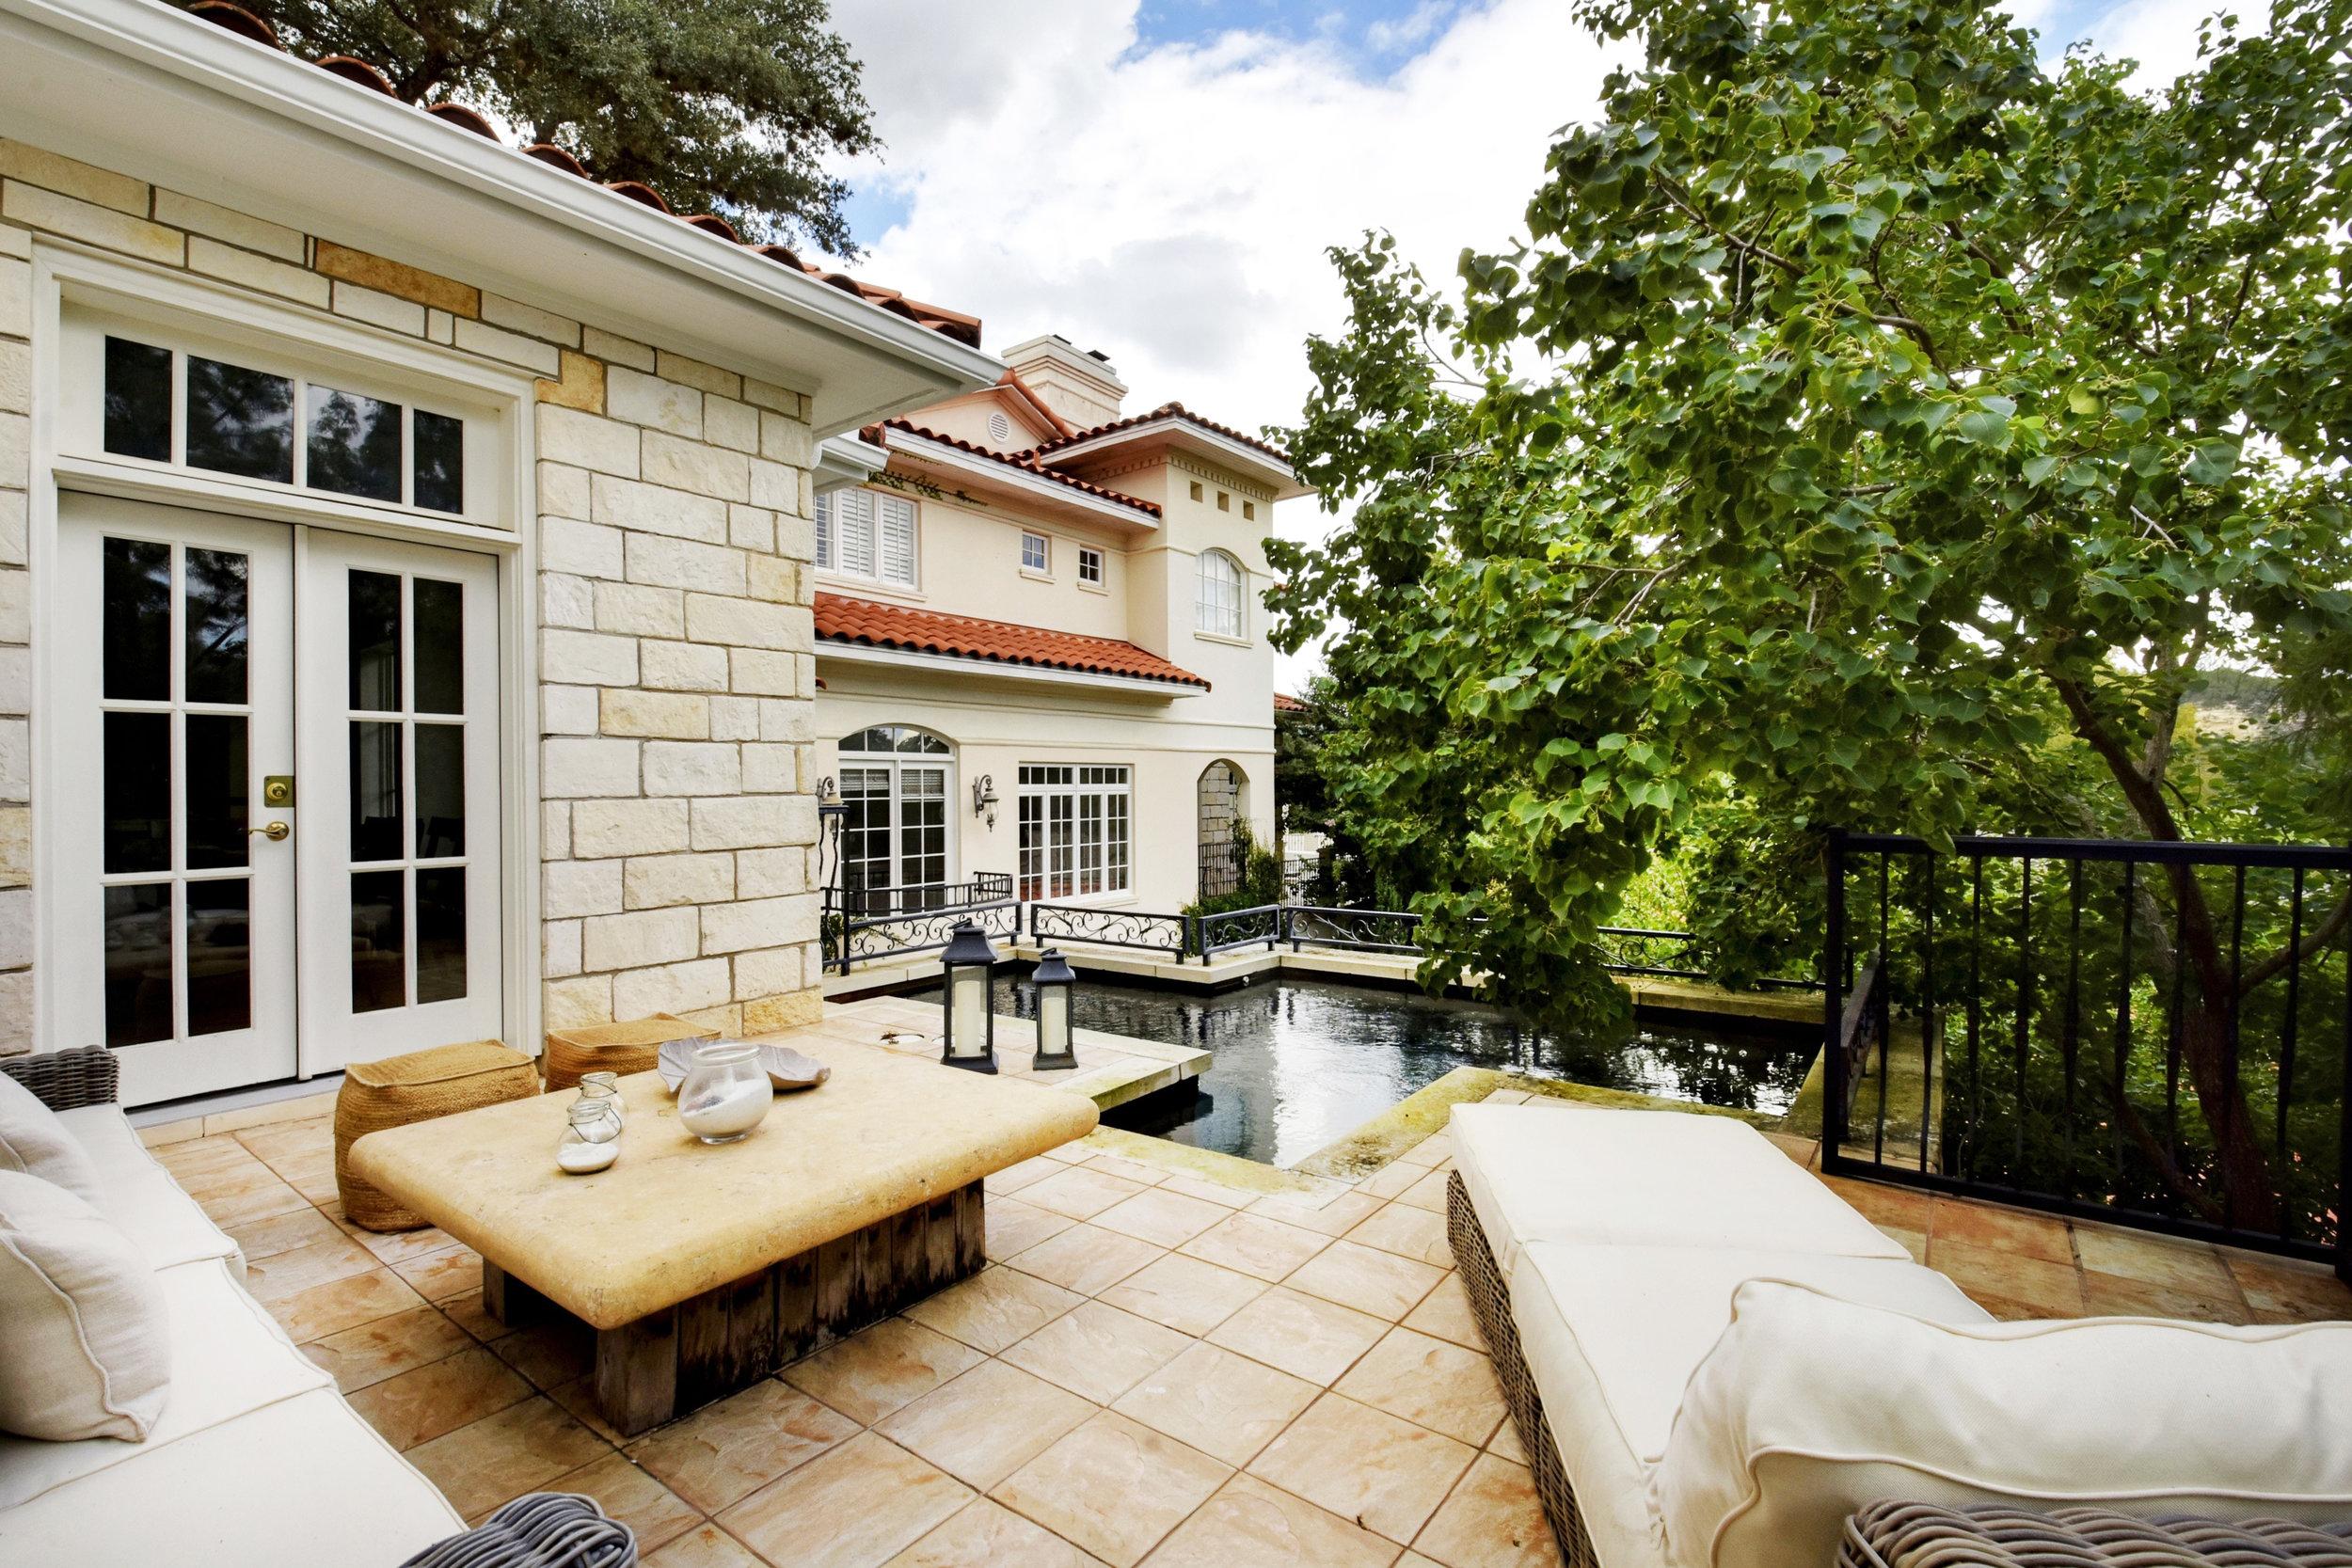 4819 N Capital of Texas Highway #2 Moreland Properties Austin Texas .jpg